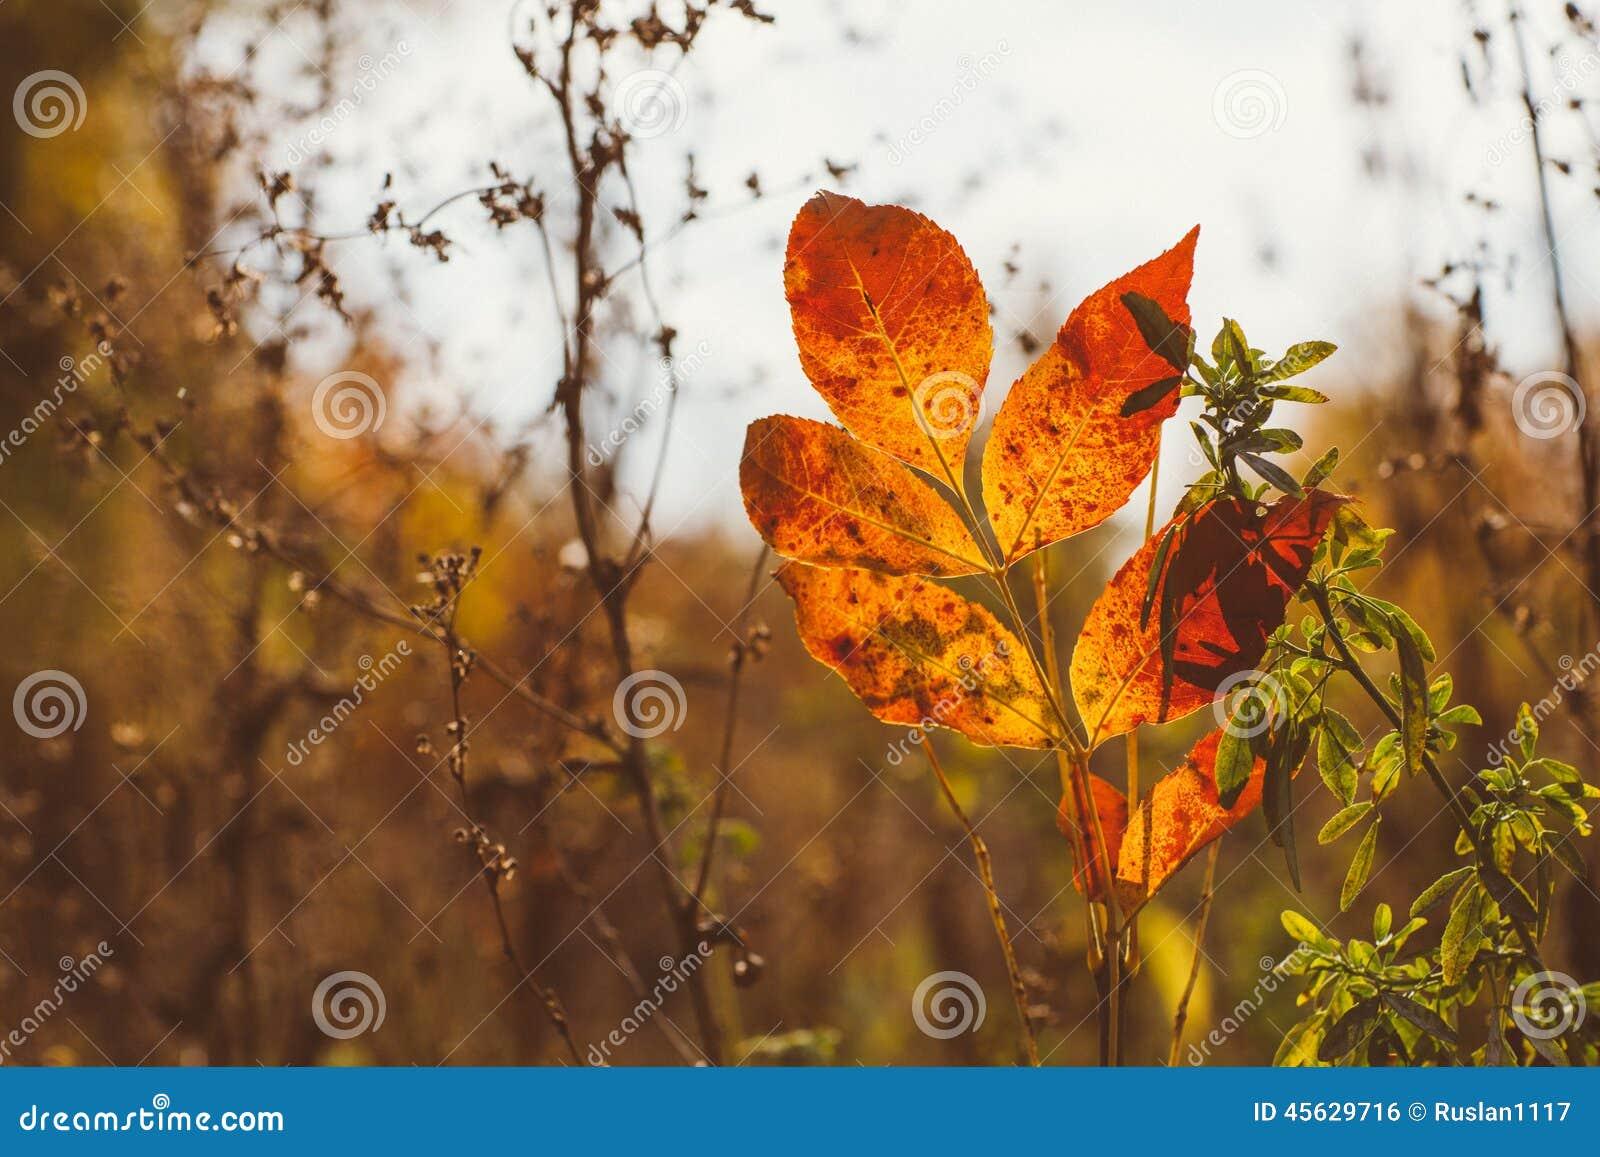 Fondo astratto del fogliame, bello ramo di albero in foresta autunnale, luce calda luminosa del sole, foglie di acero asciutte ar